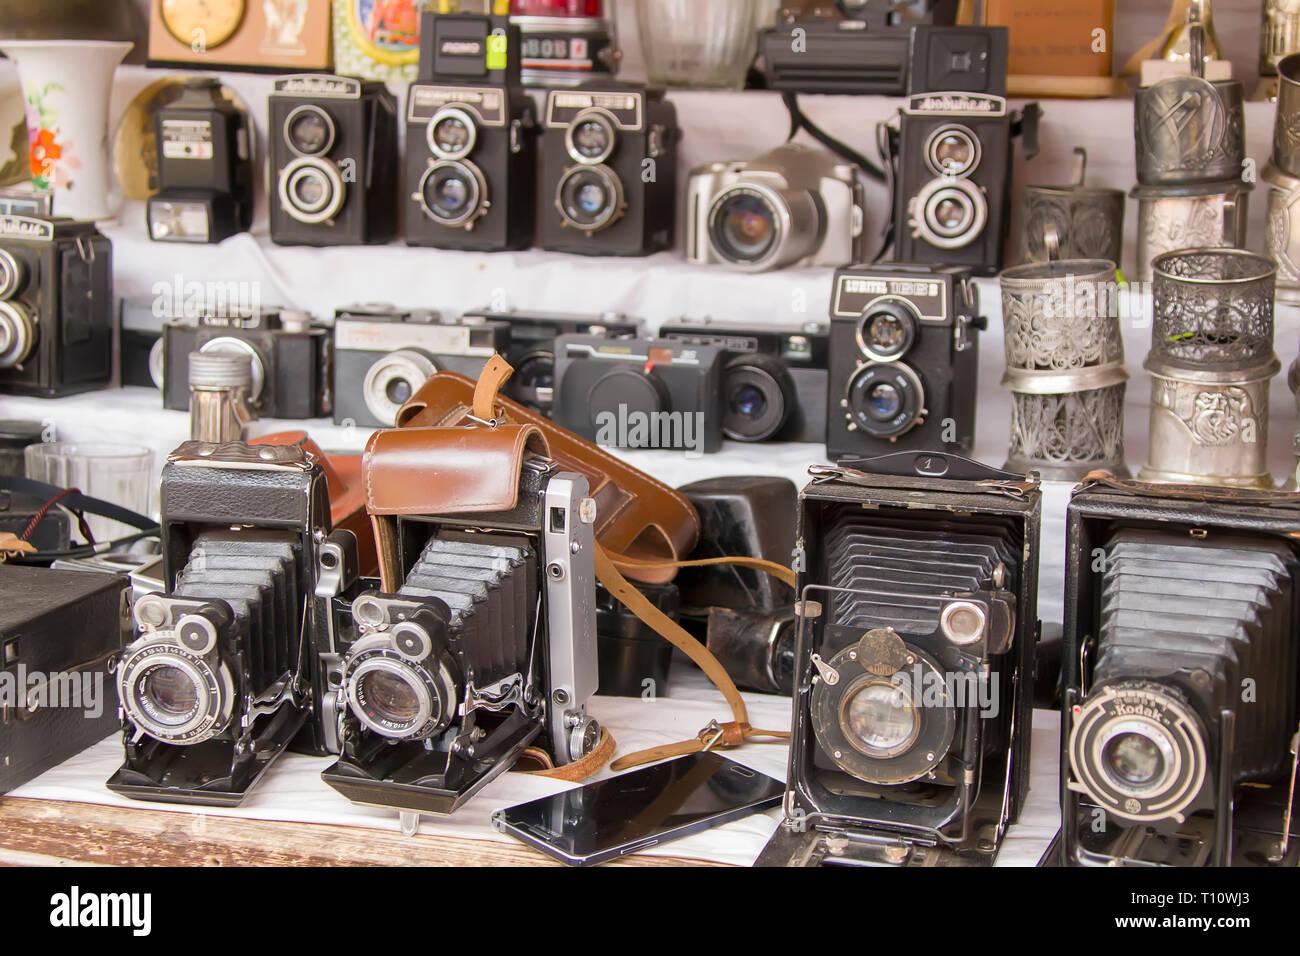 Moscou, le 08 juin 2018. Marché Central.Vintage cameras. Matériel photographique ancien Banque D'Images